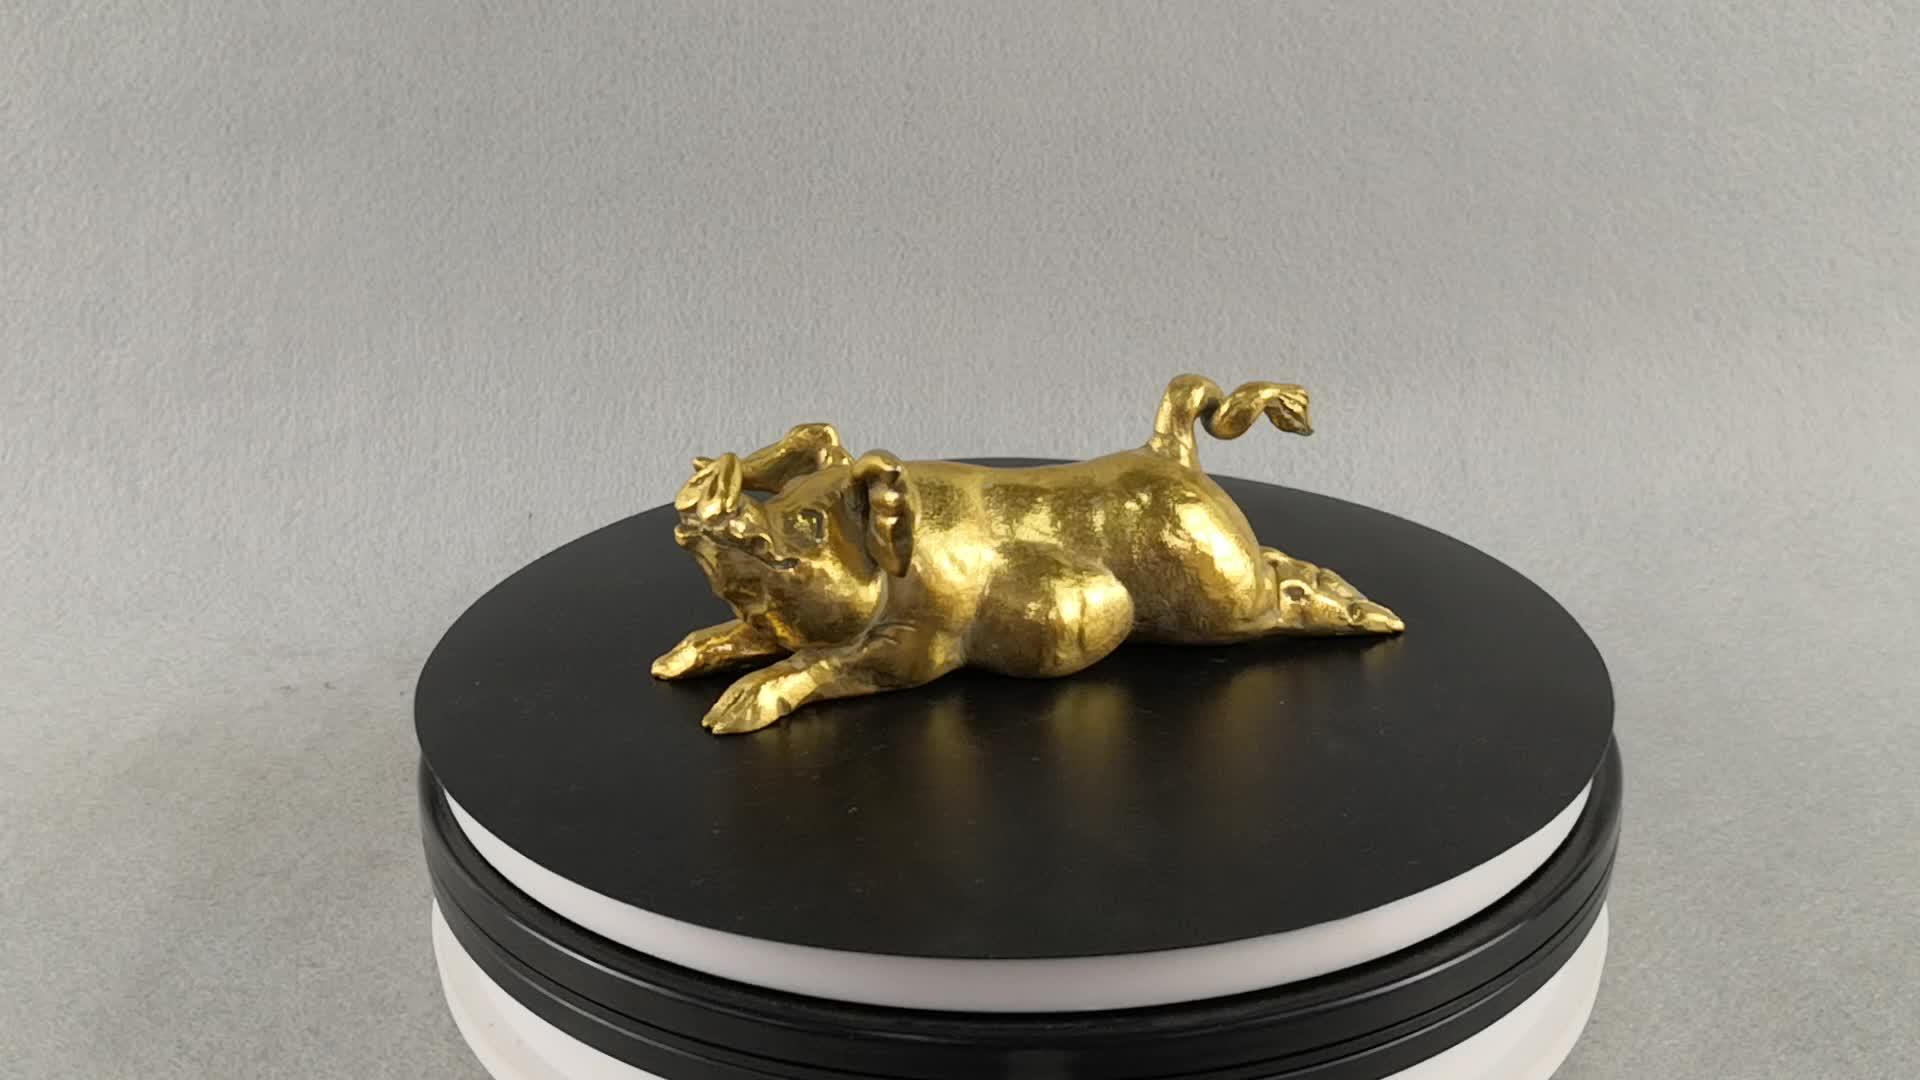 Ao ar livre decoração figurine do anime produto mais vendido mini resina artesanato ornamentos de jardim porco